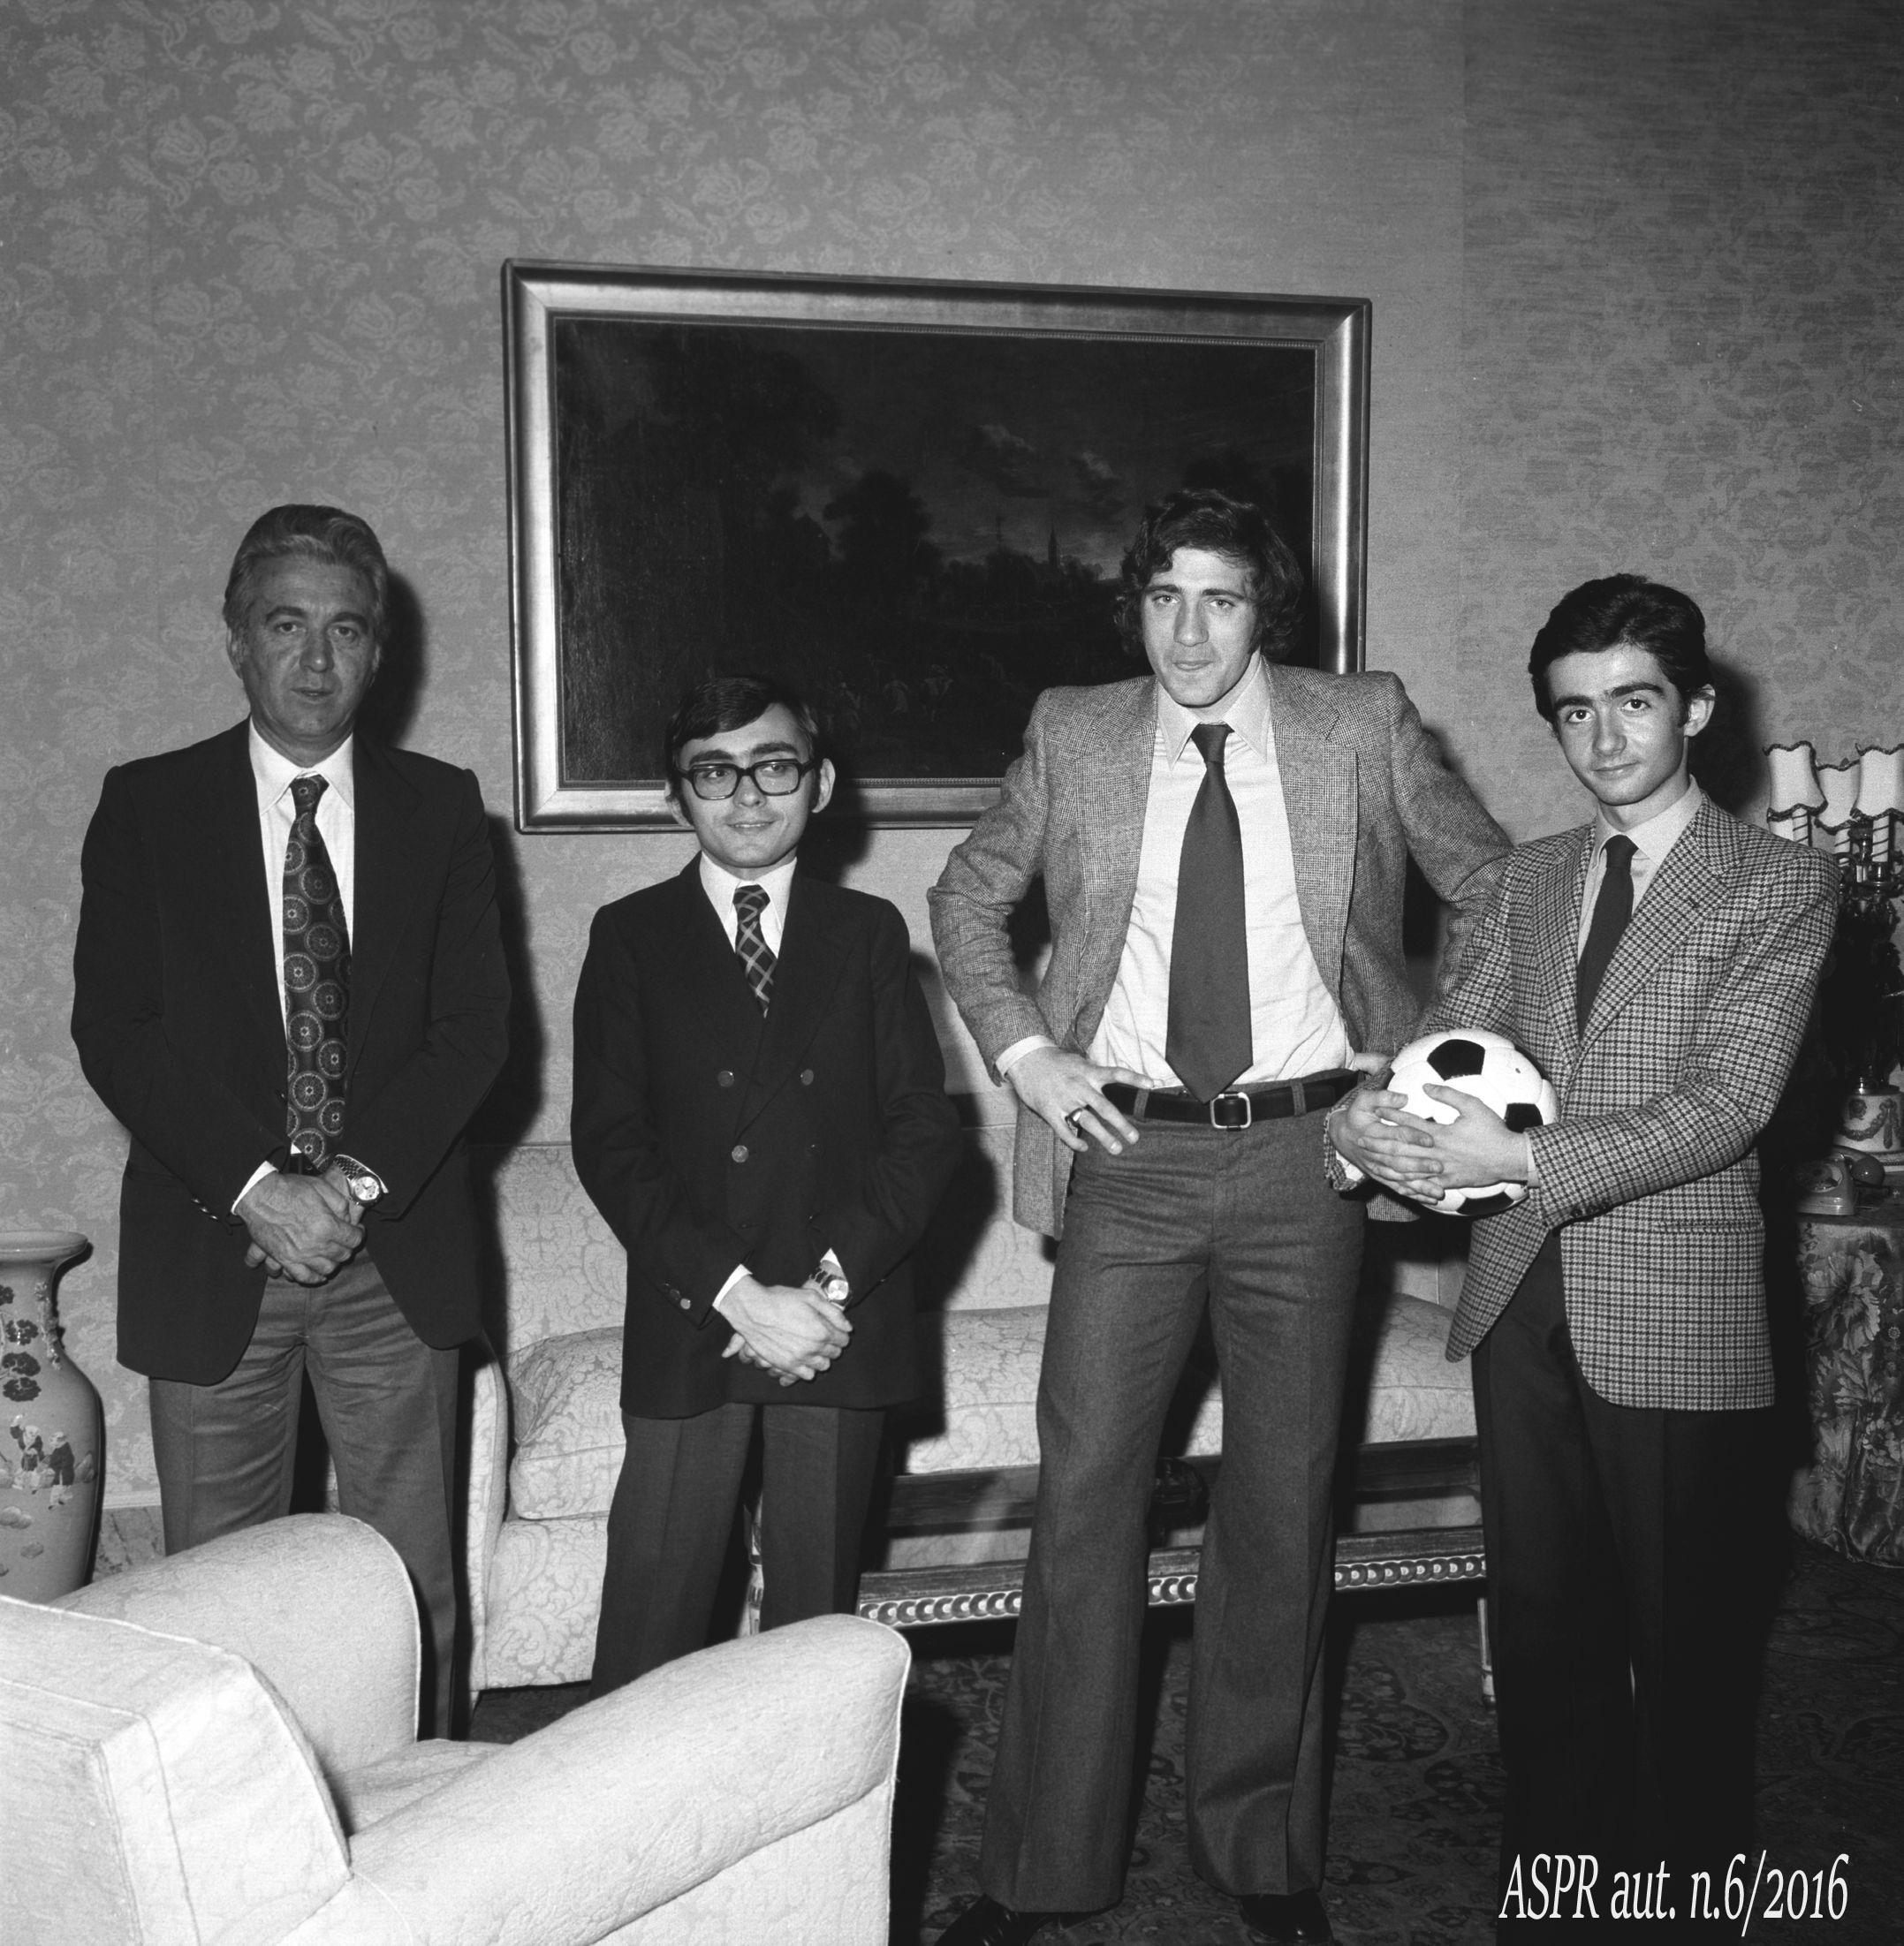 Quirinale 29 gennaio 1974 - Figli Pres. Leone con Maestrelli e Chinaglia (ASPR archivio fotografico settennato Leone foton.2)